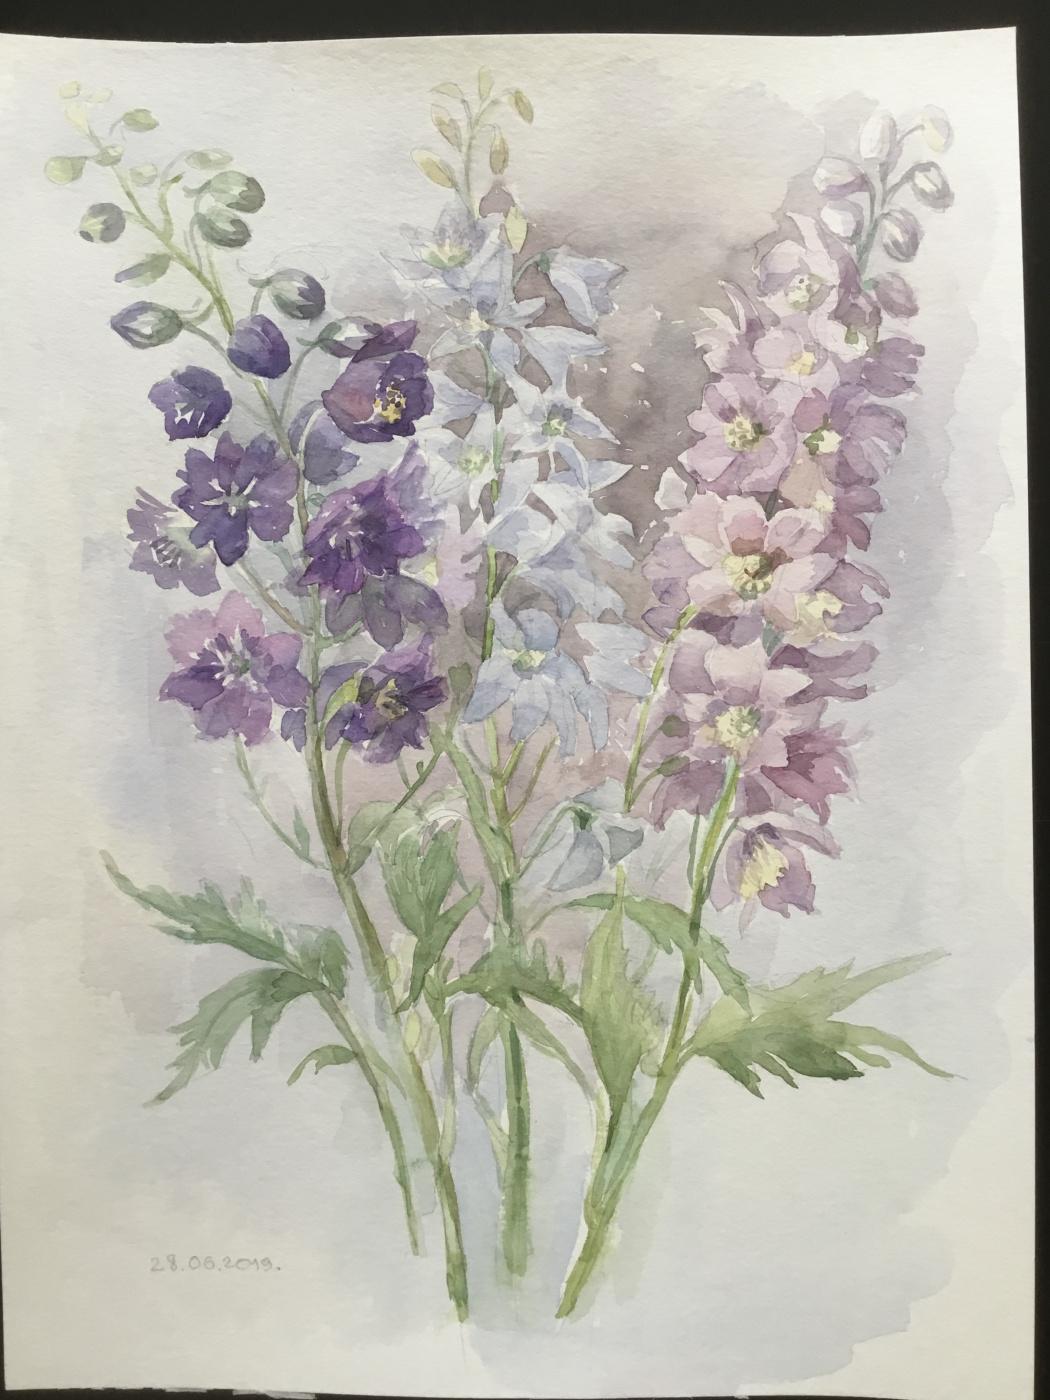 Vladimir Petrov. Study with flowers